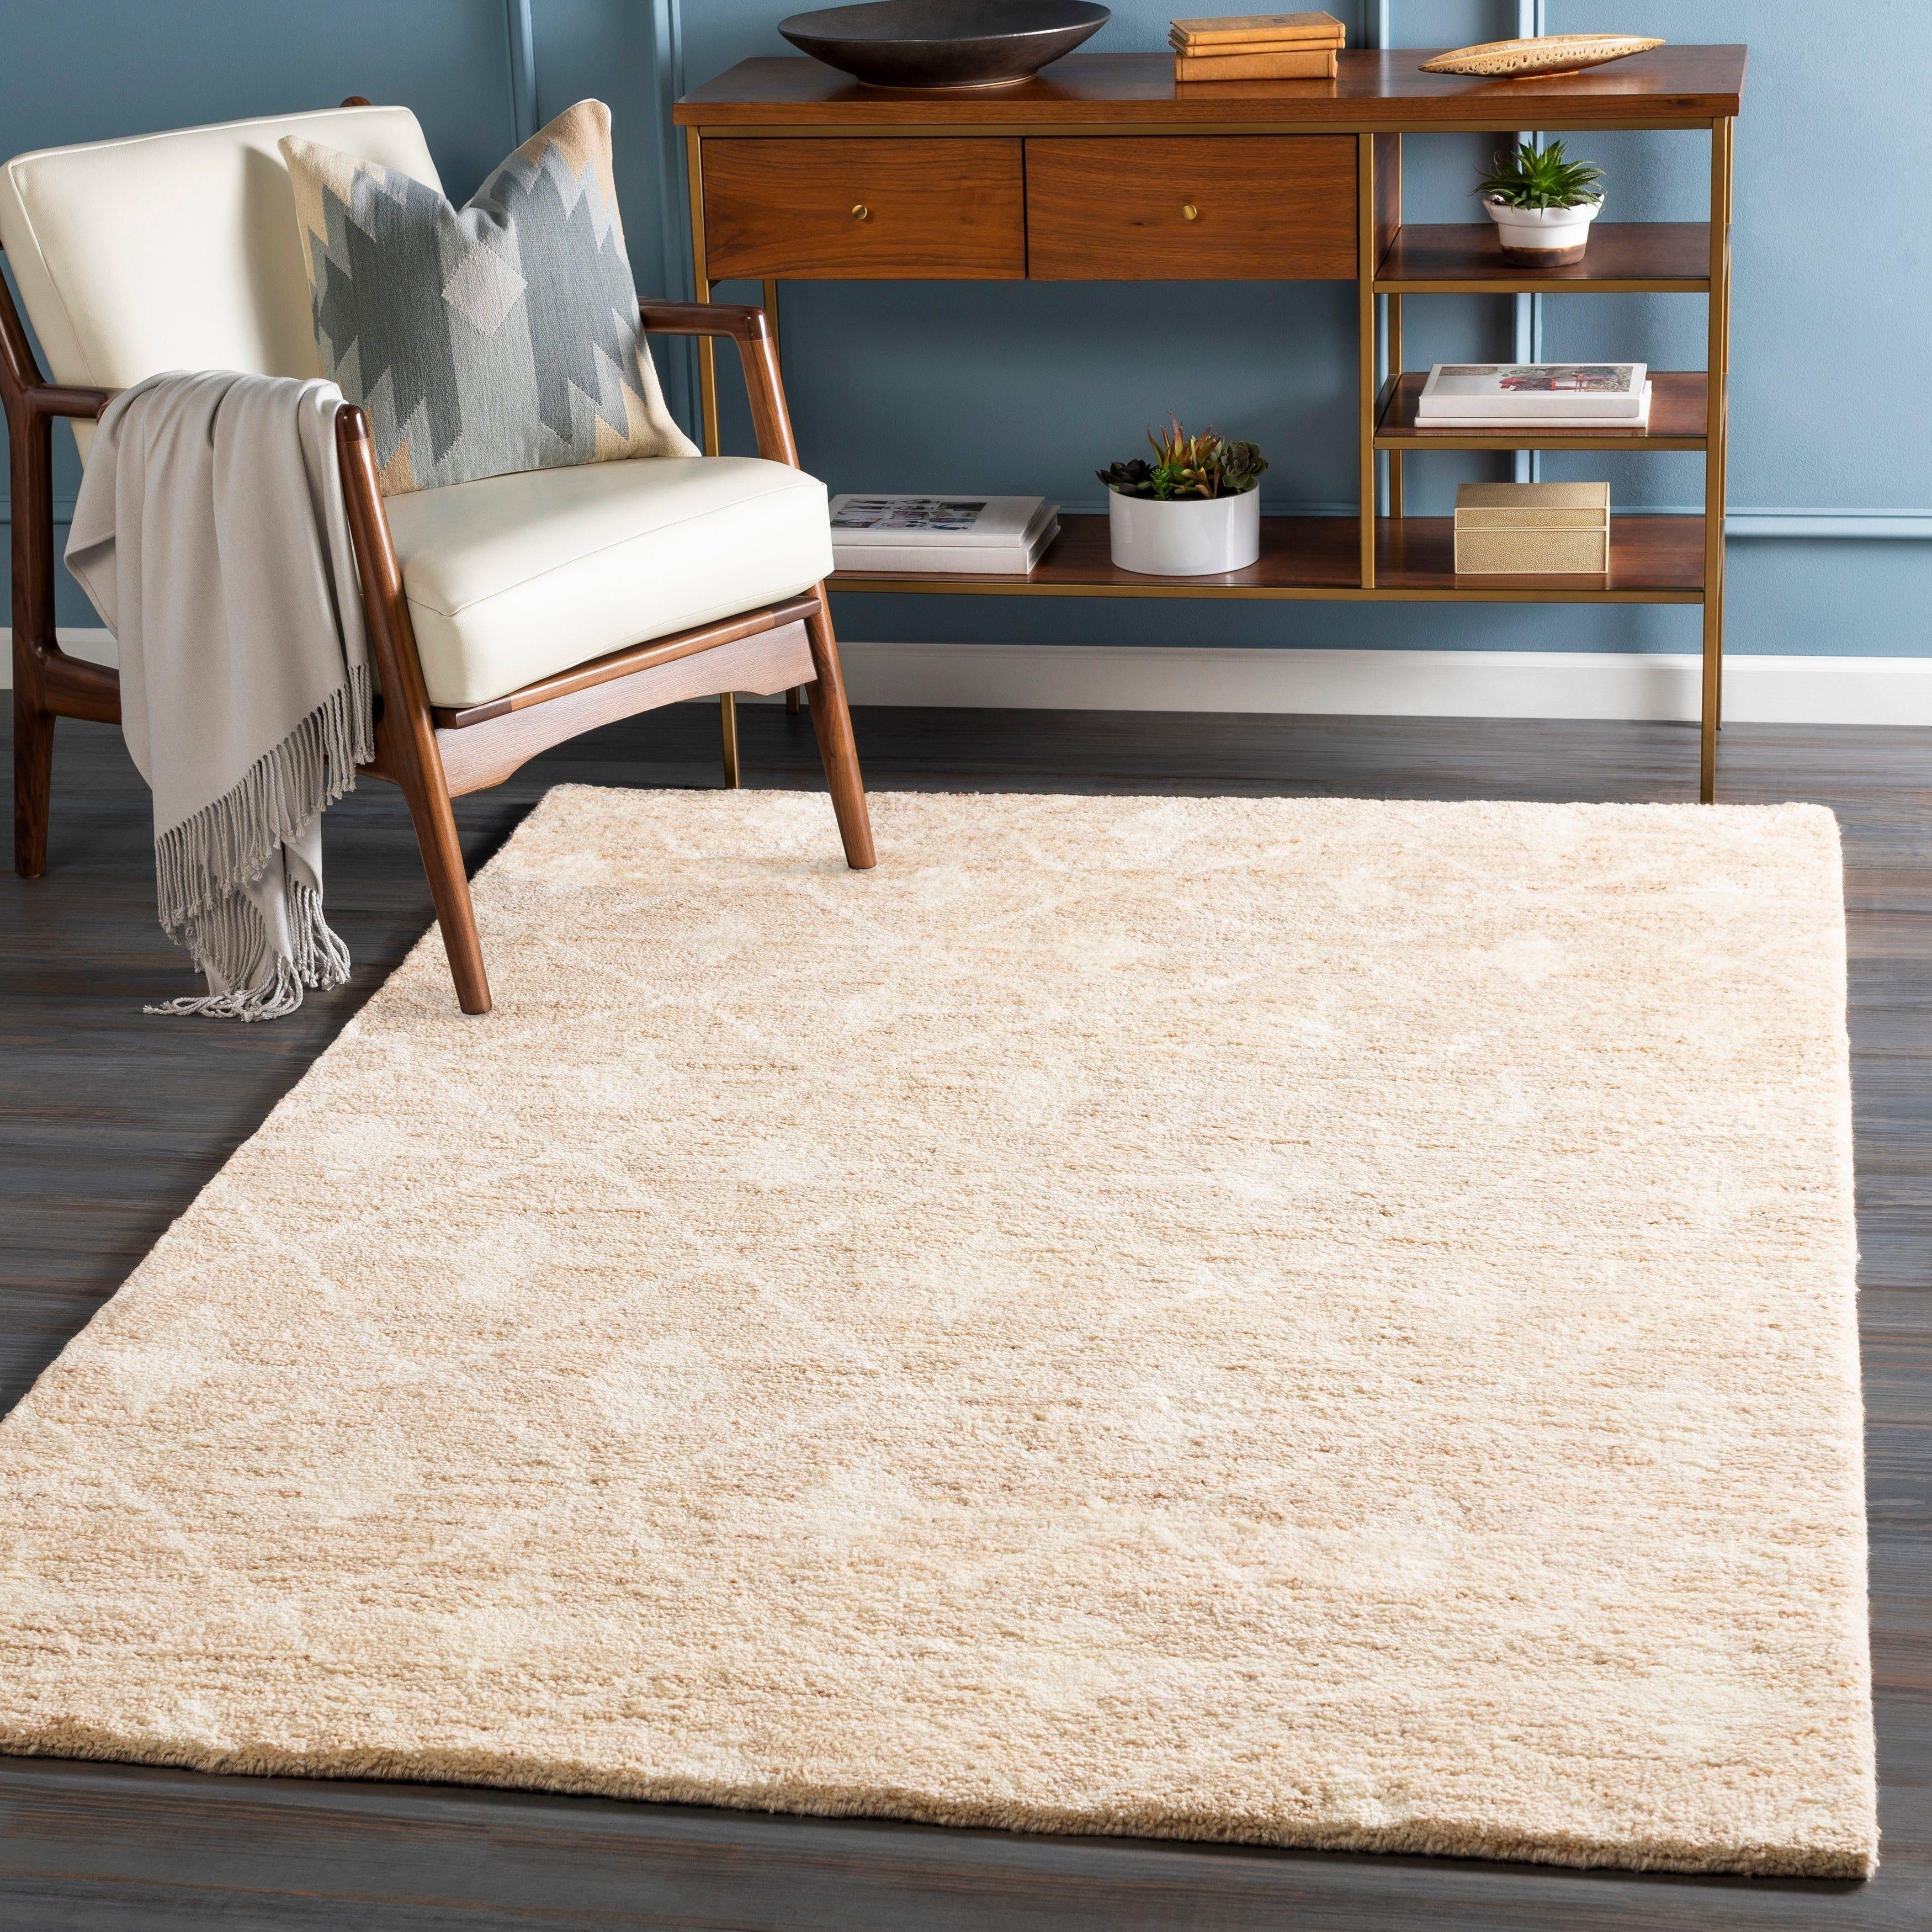 Jessenia Handmade Wool Boho Trellis Area Rug (5' x 7'6